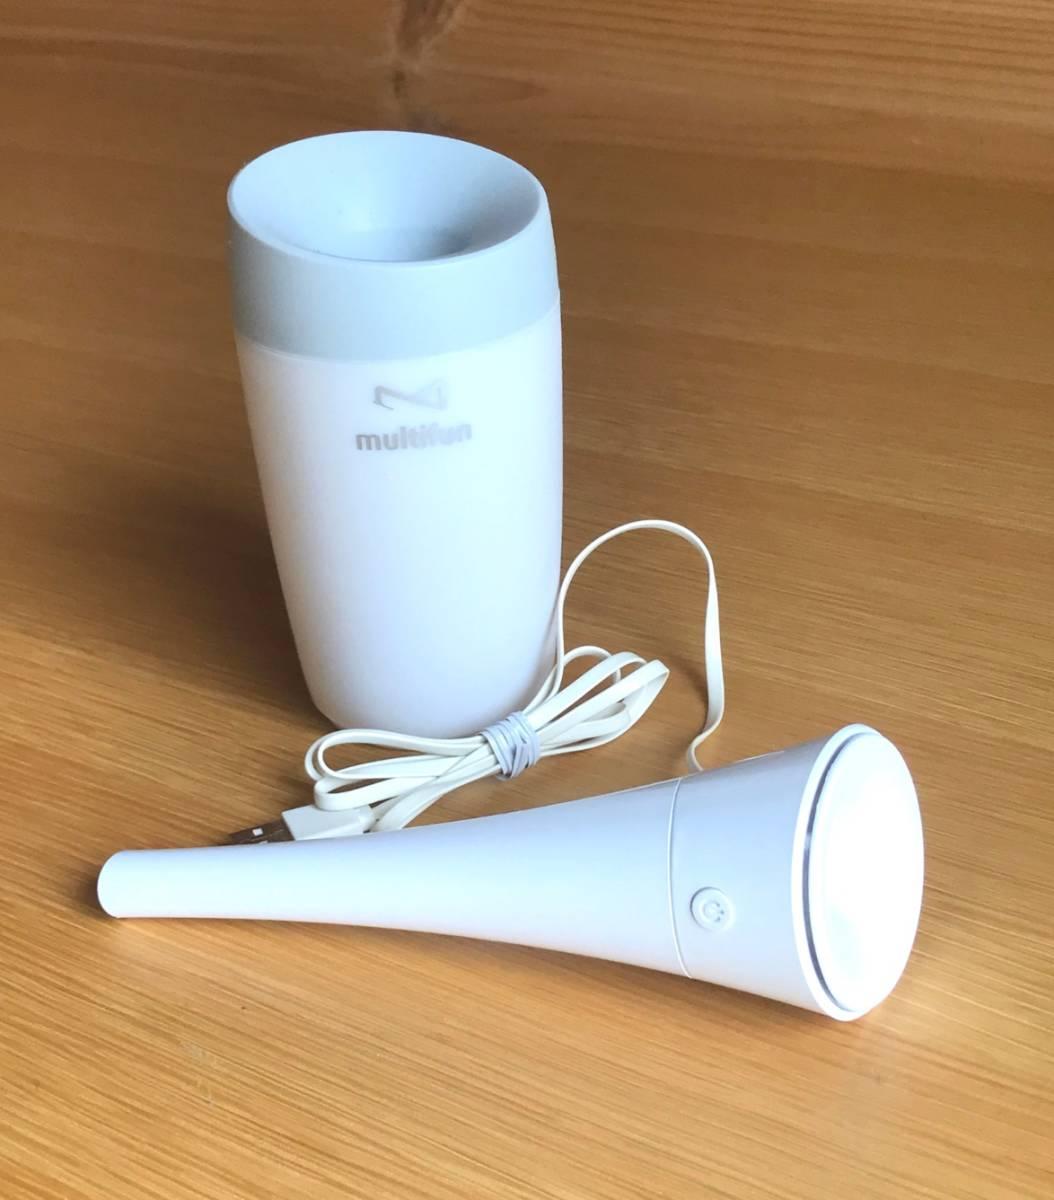 ◆ 送料無料 ◆ multifun  超音波加湿器  USBミニ加湿器(卓上 / 車載) ホワイト 日本語説明書対応_実物 加湿器本体 & ボトル